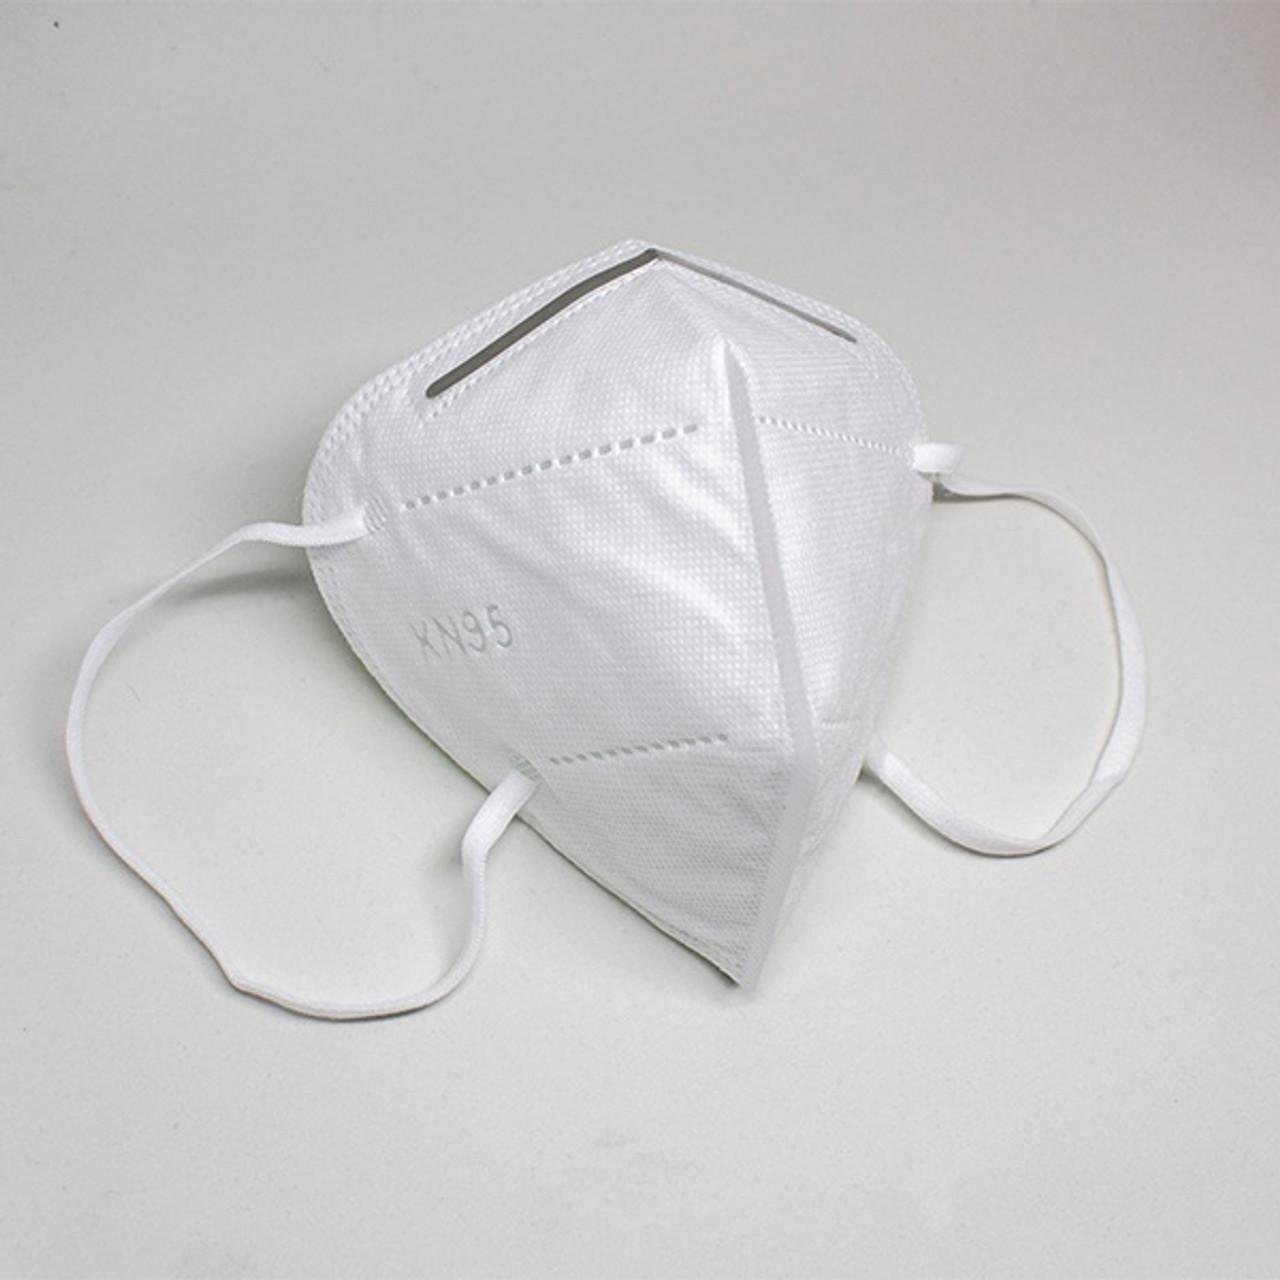 Pilot Automotive KN95 Safety Mask  - CDC approved alternate mask